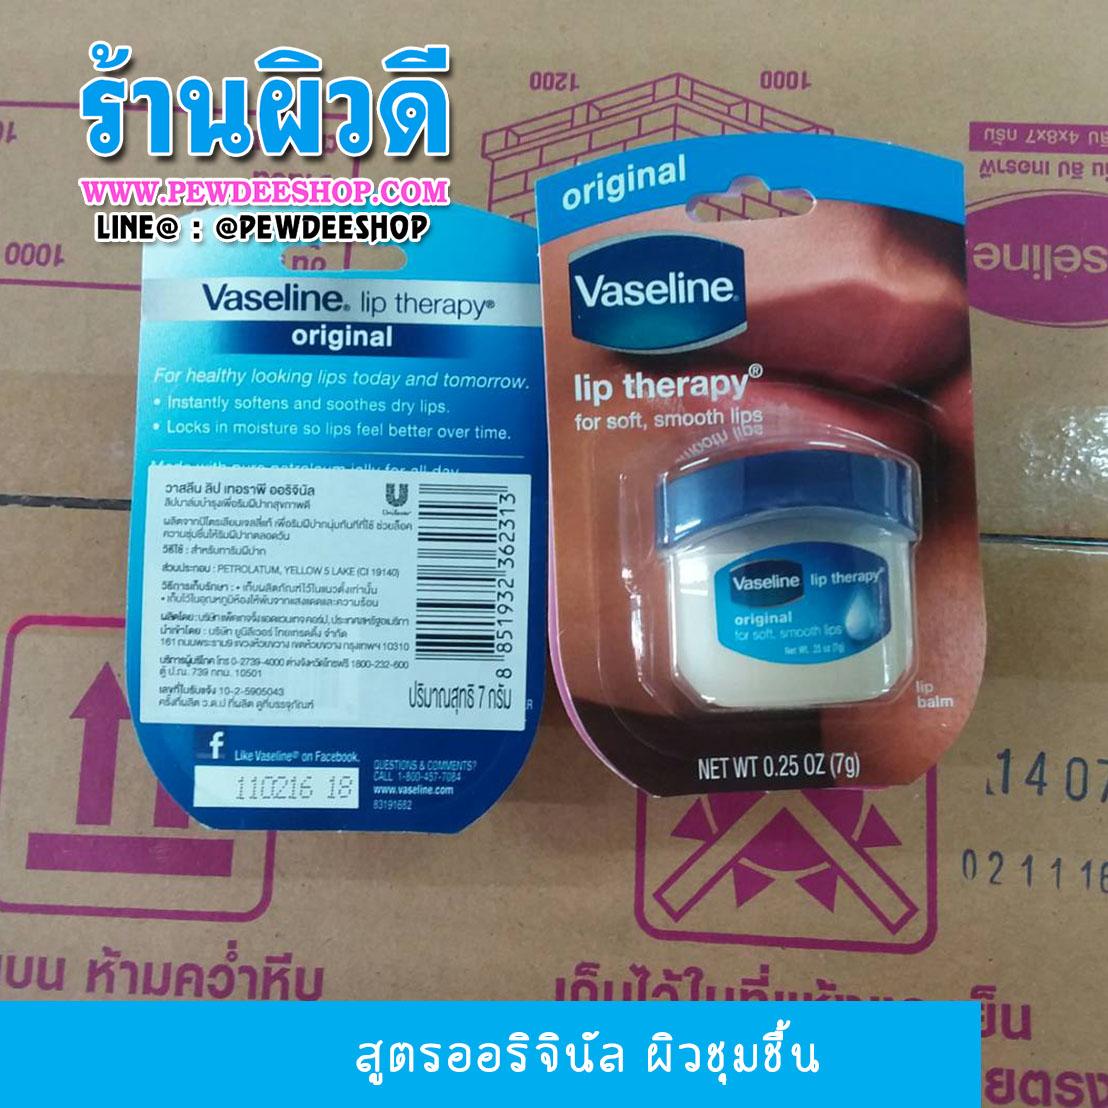 (ราคาส่ง) Vaseline lip therapy Original วาสลีน ลิปเทอราพี ดั้งเดิม แท้uniliver USA